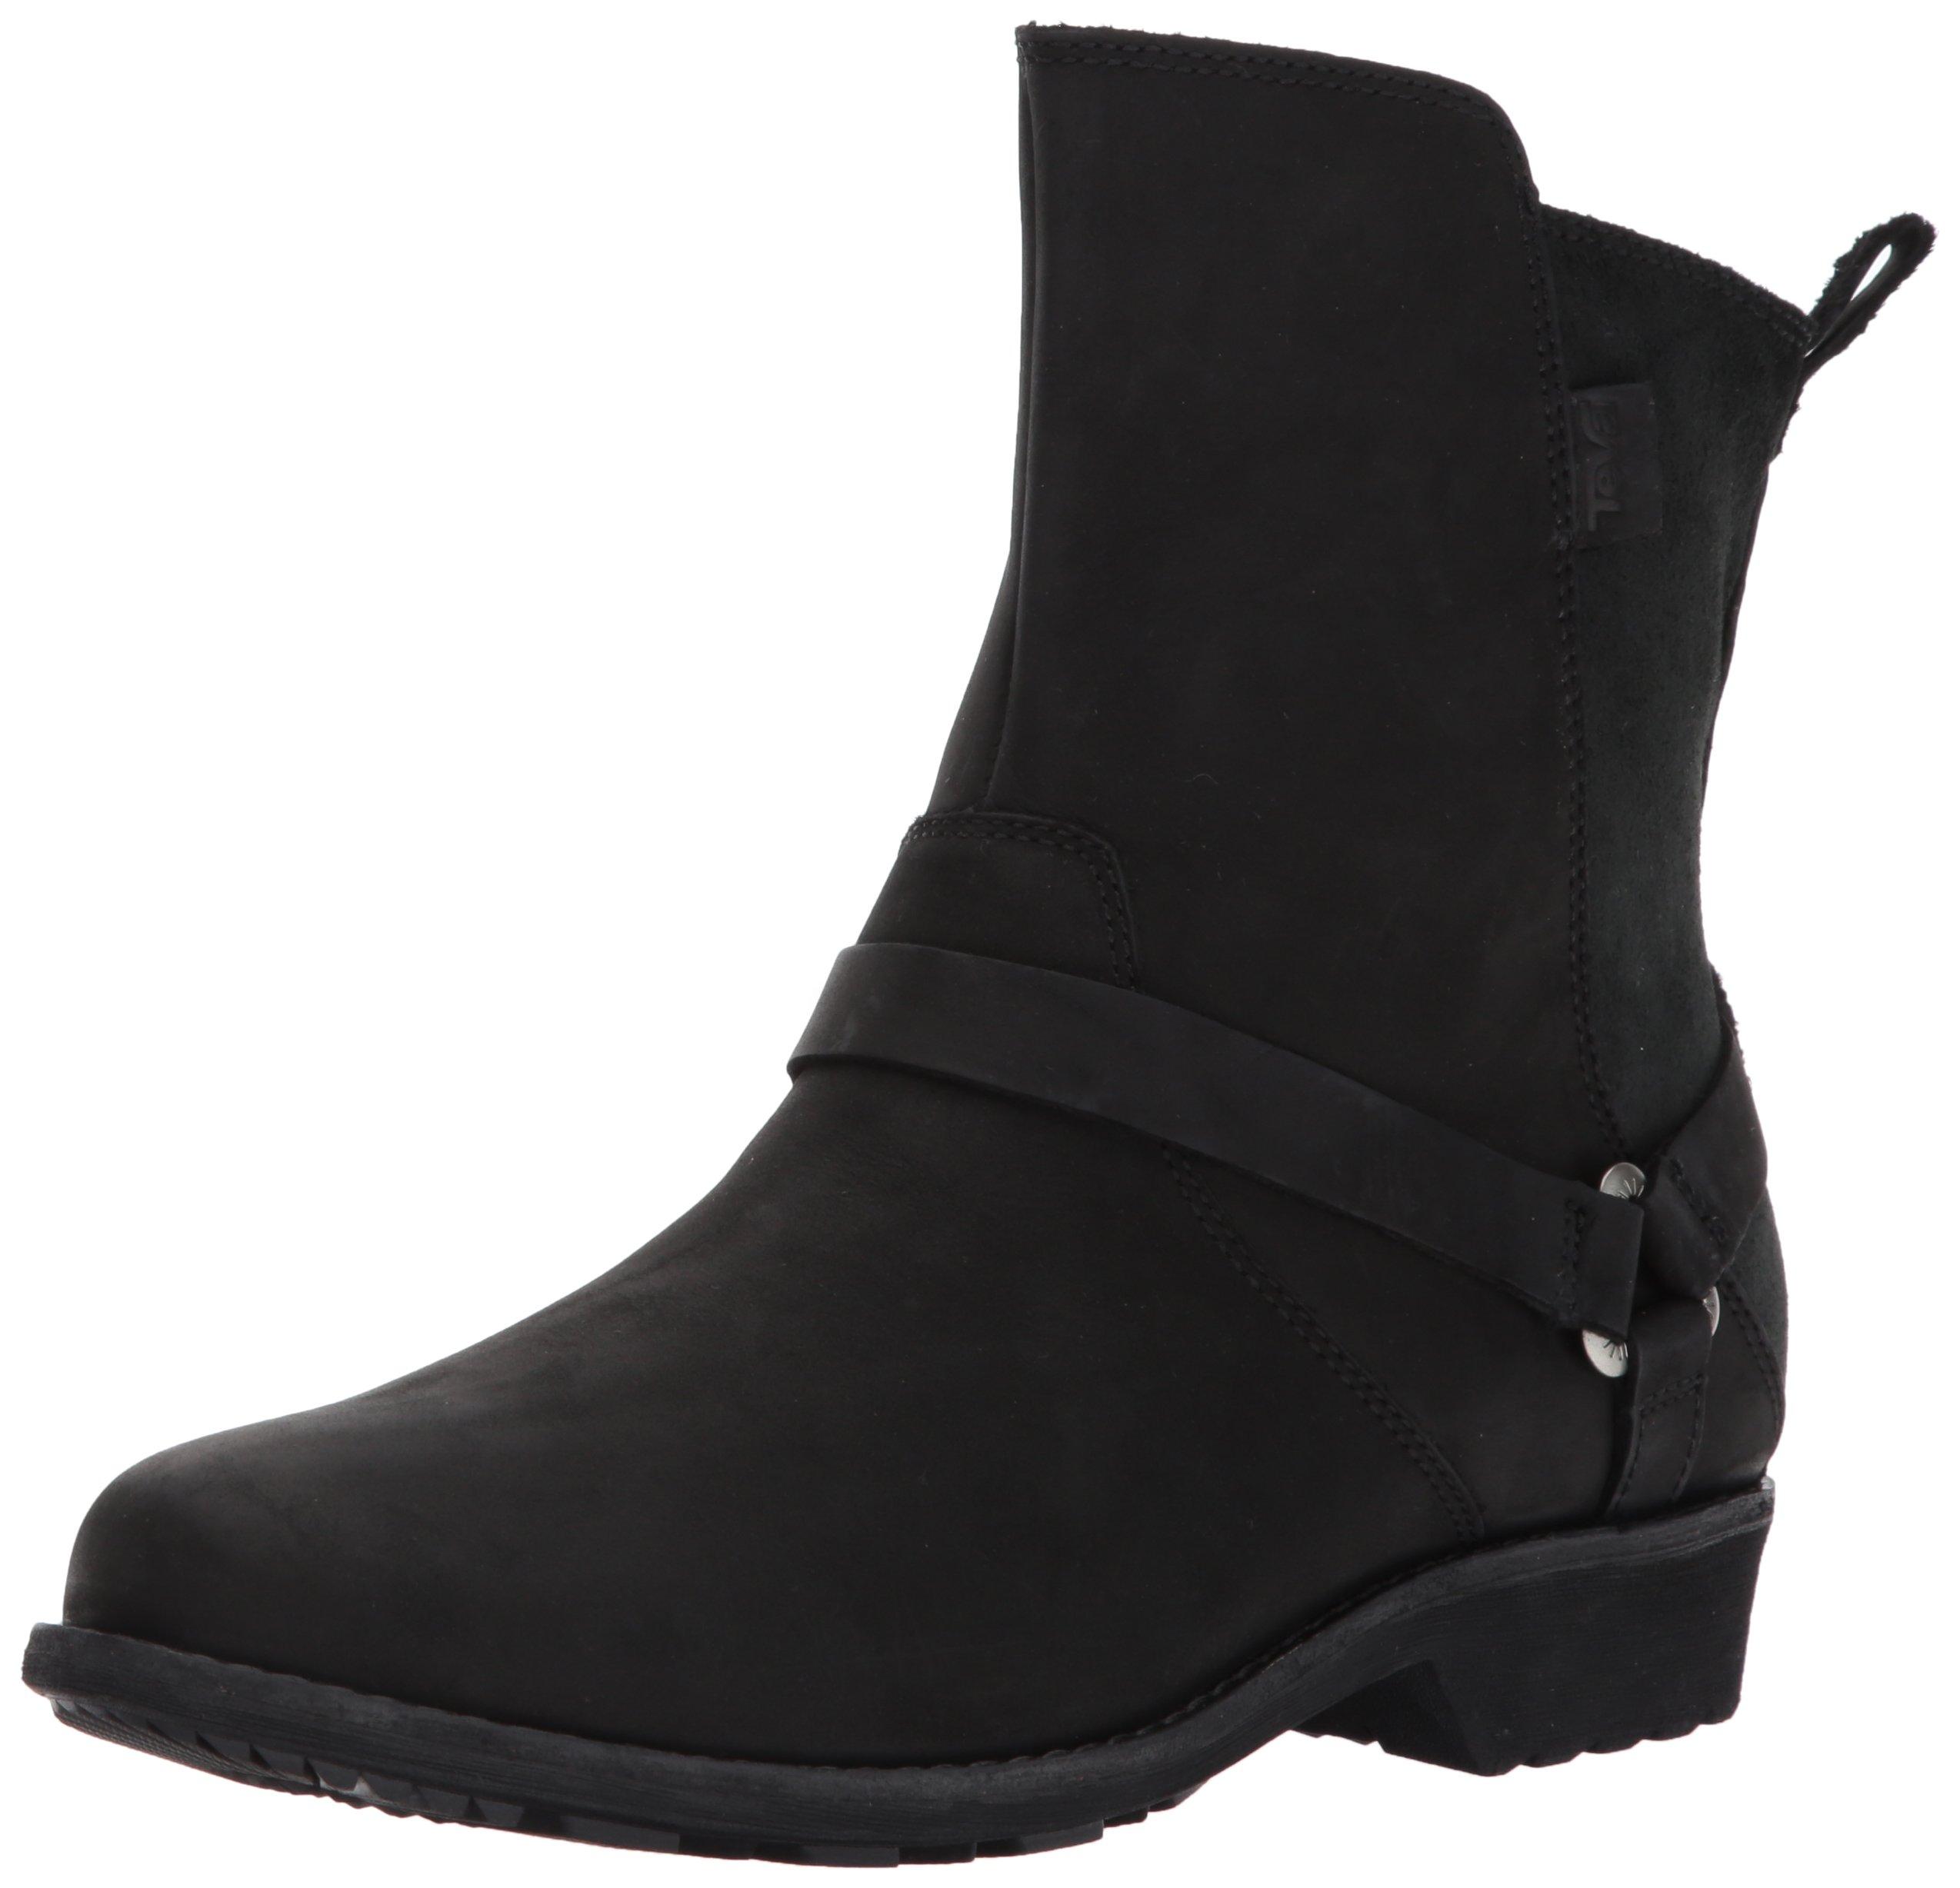 Teva Women's W DE LA Vina Dos Boot, Black, 9.5 M US